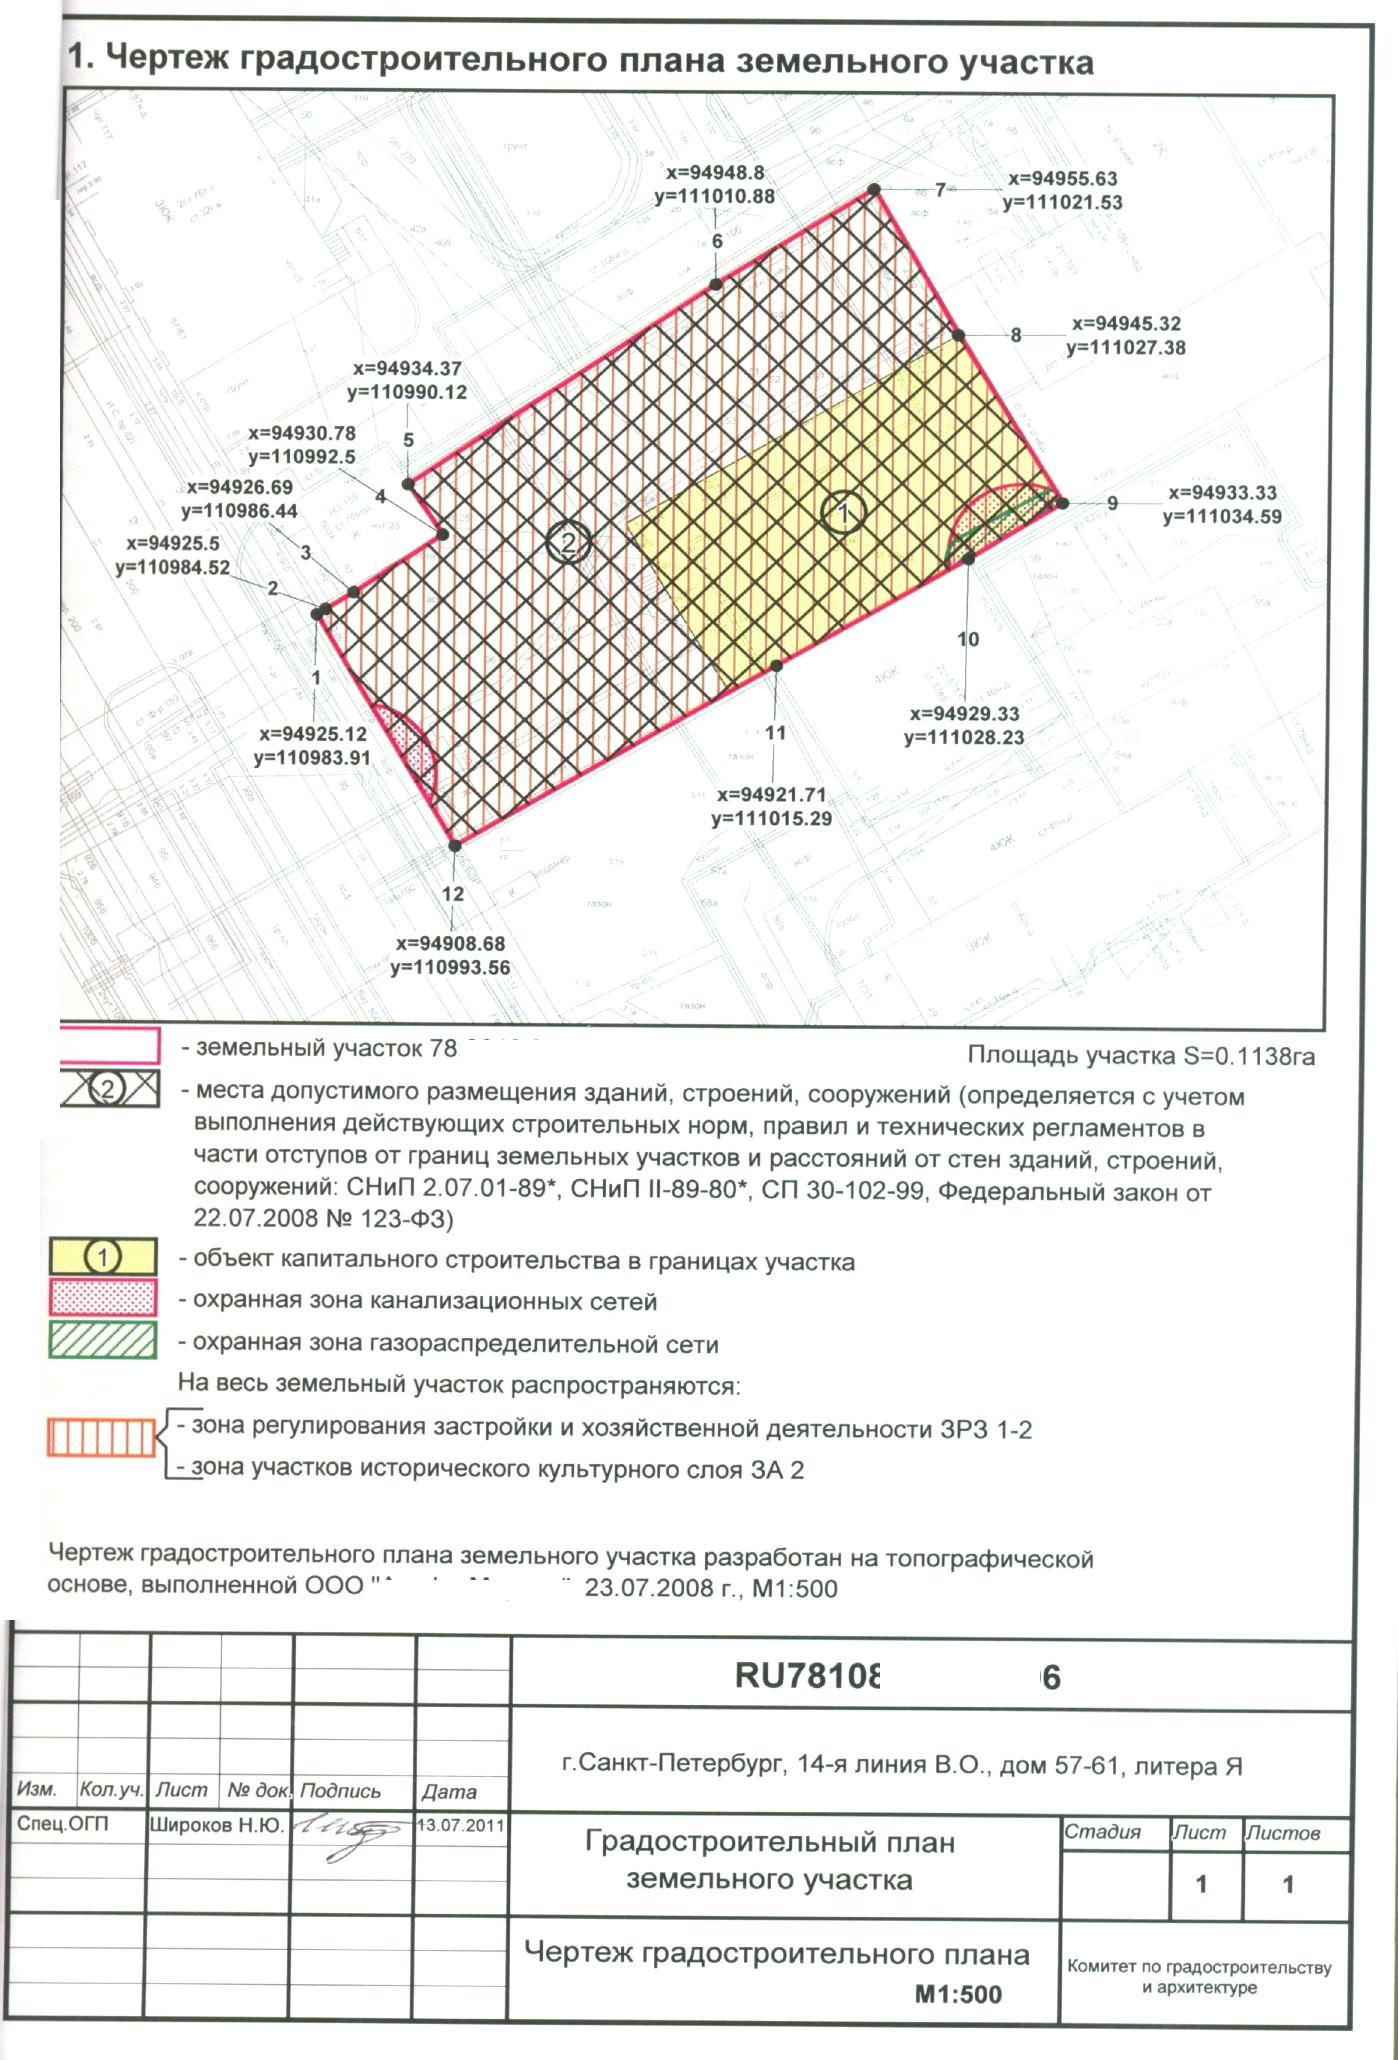 Что такое градостроительный план земельного участка и зачем он нужен